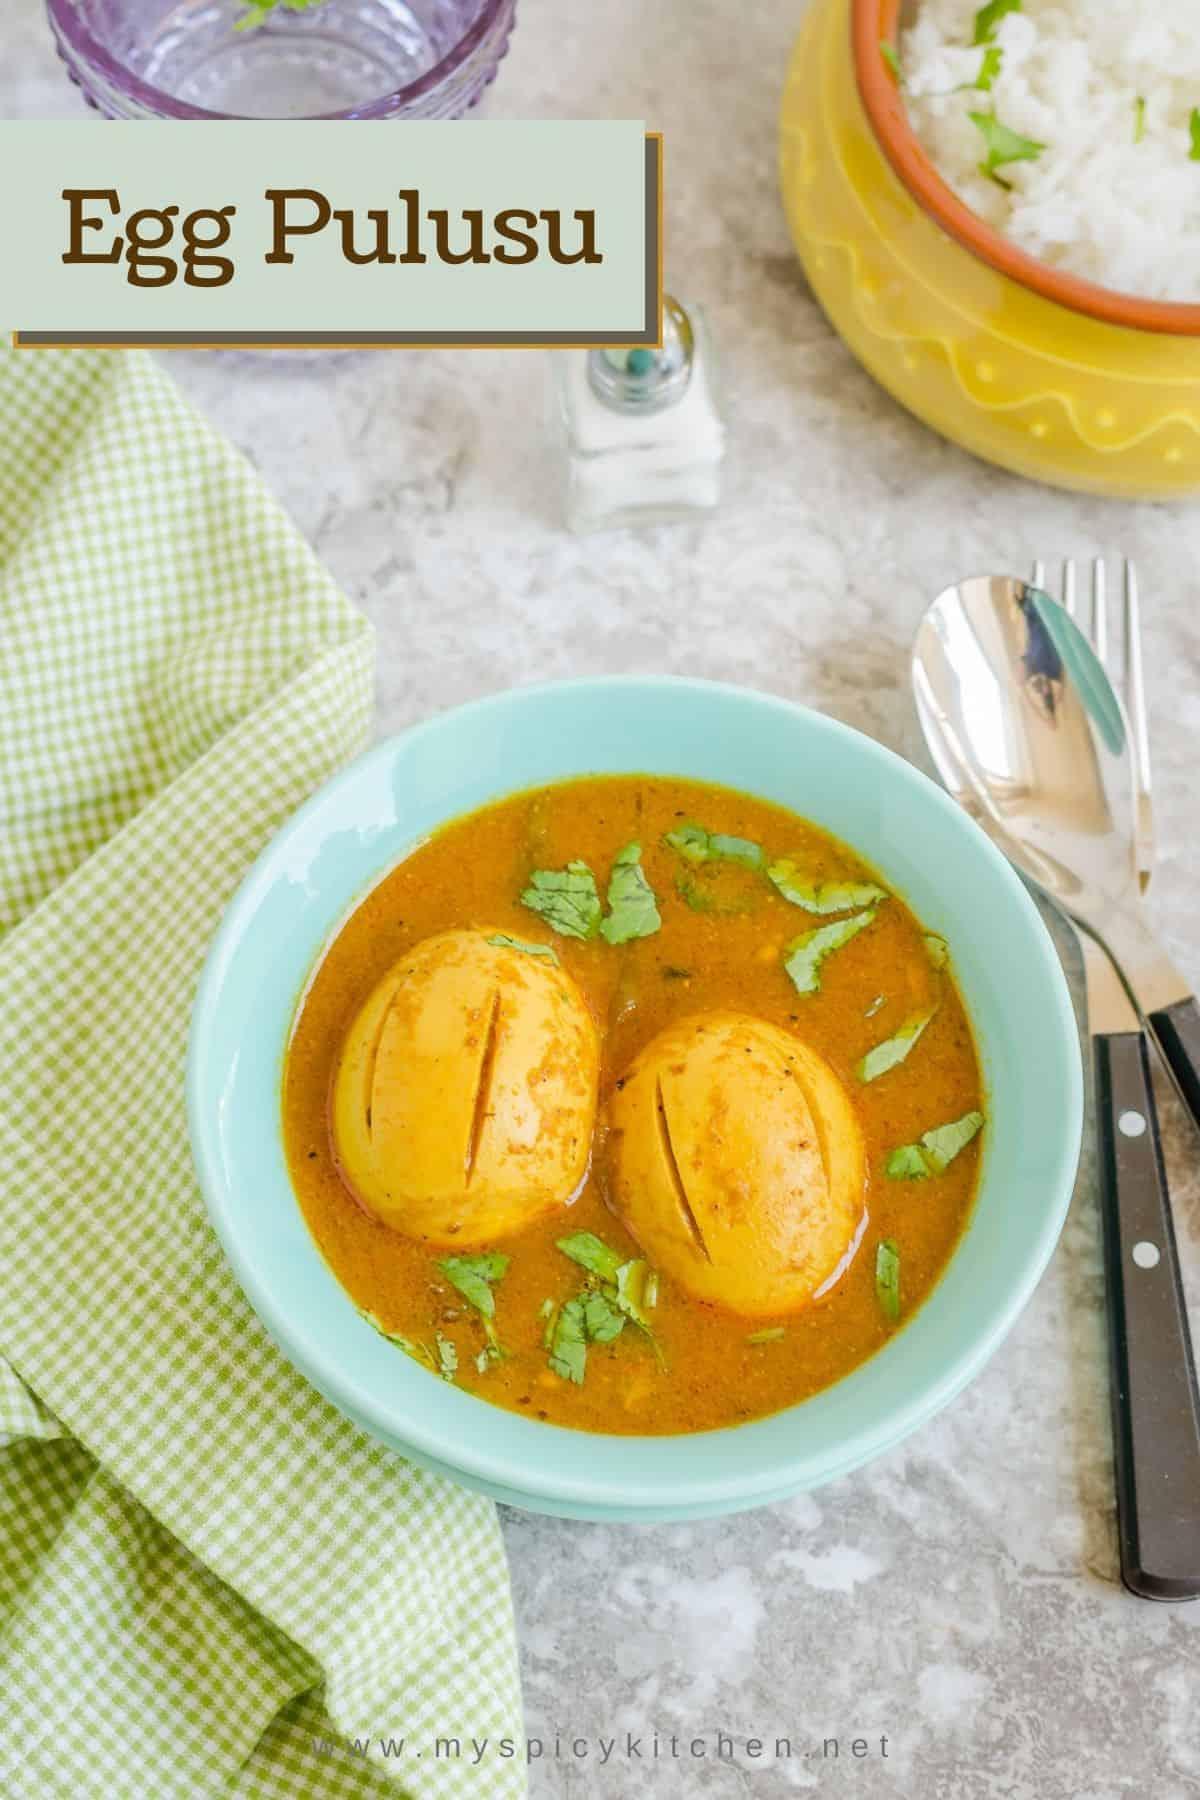 Bowl of egg pulusu.